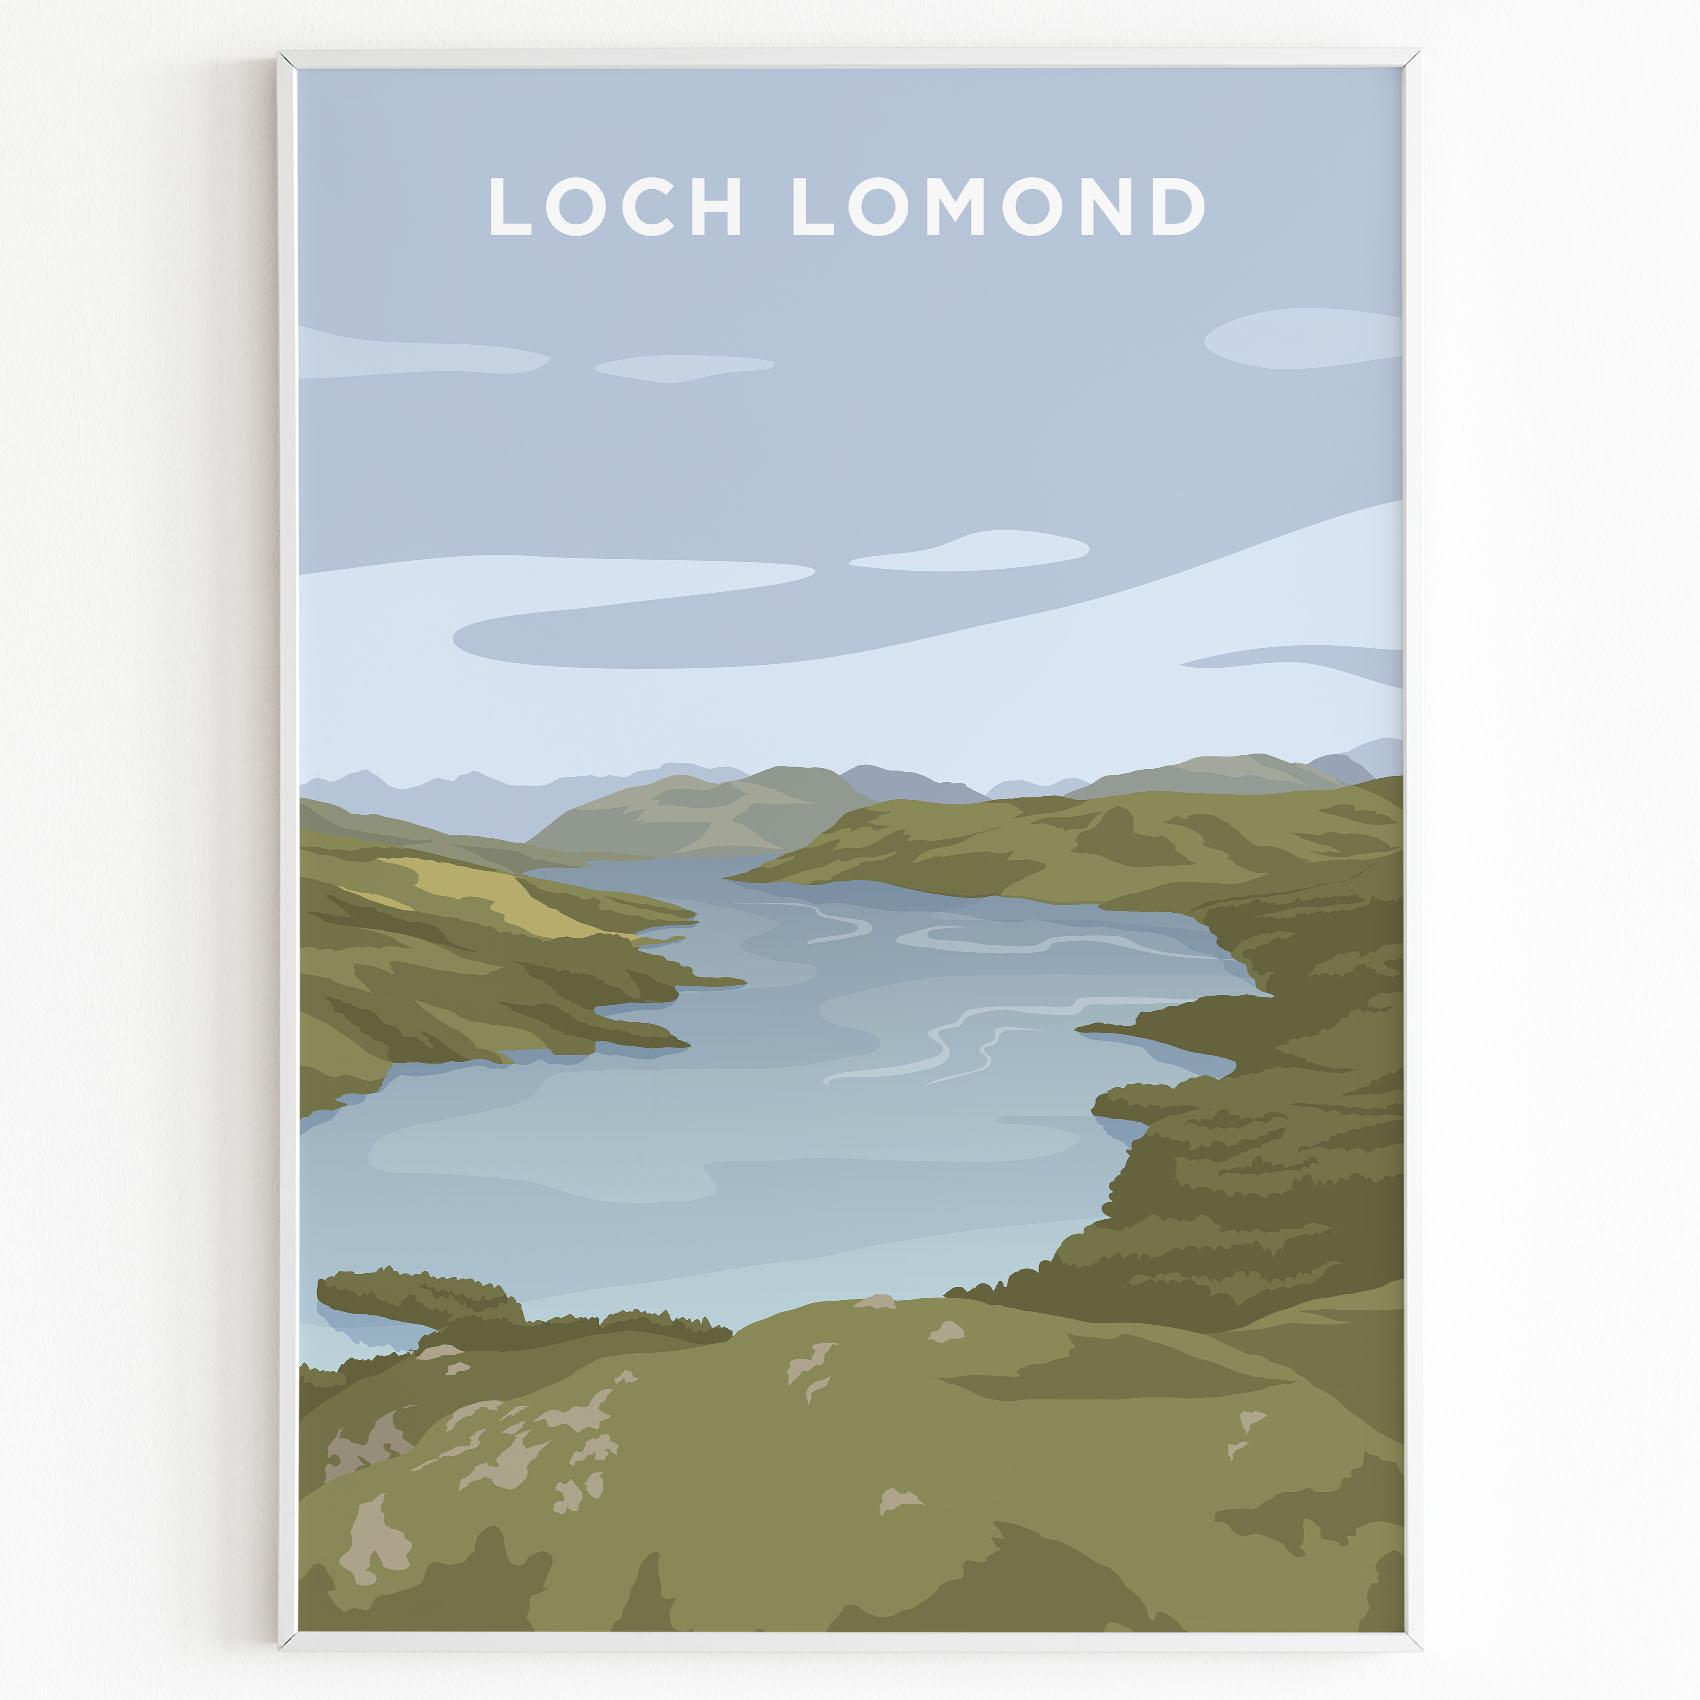 loch lomond print